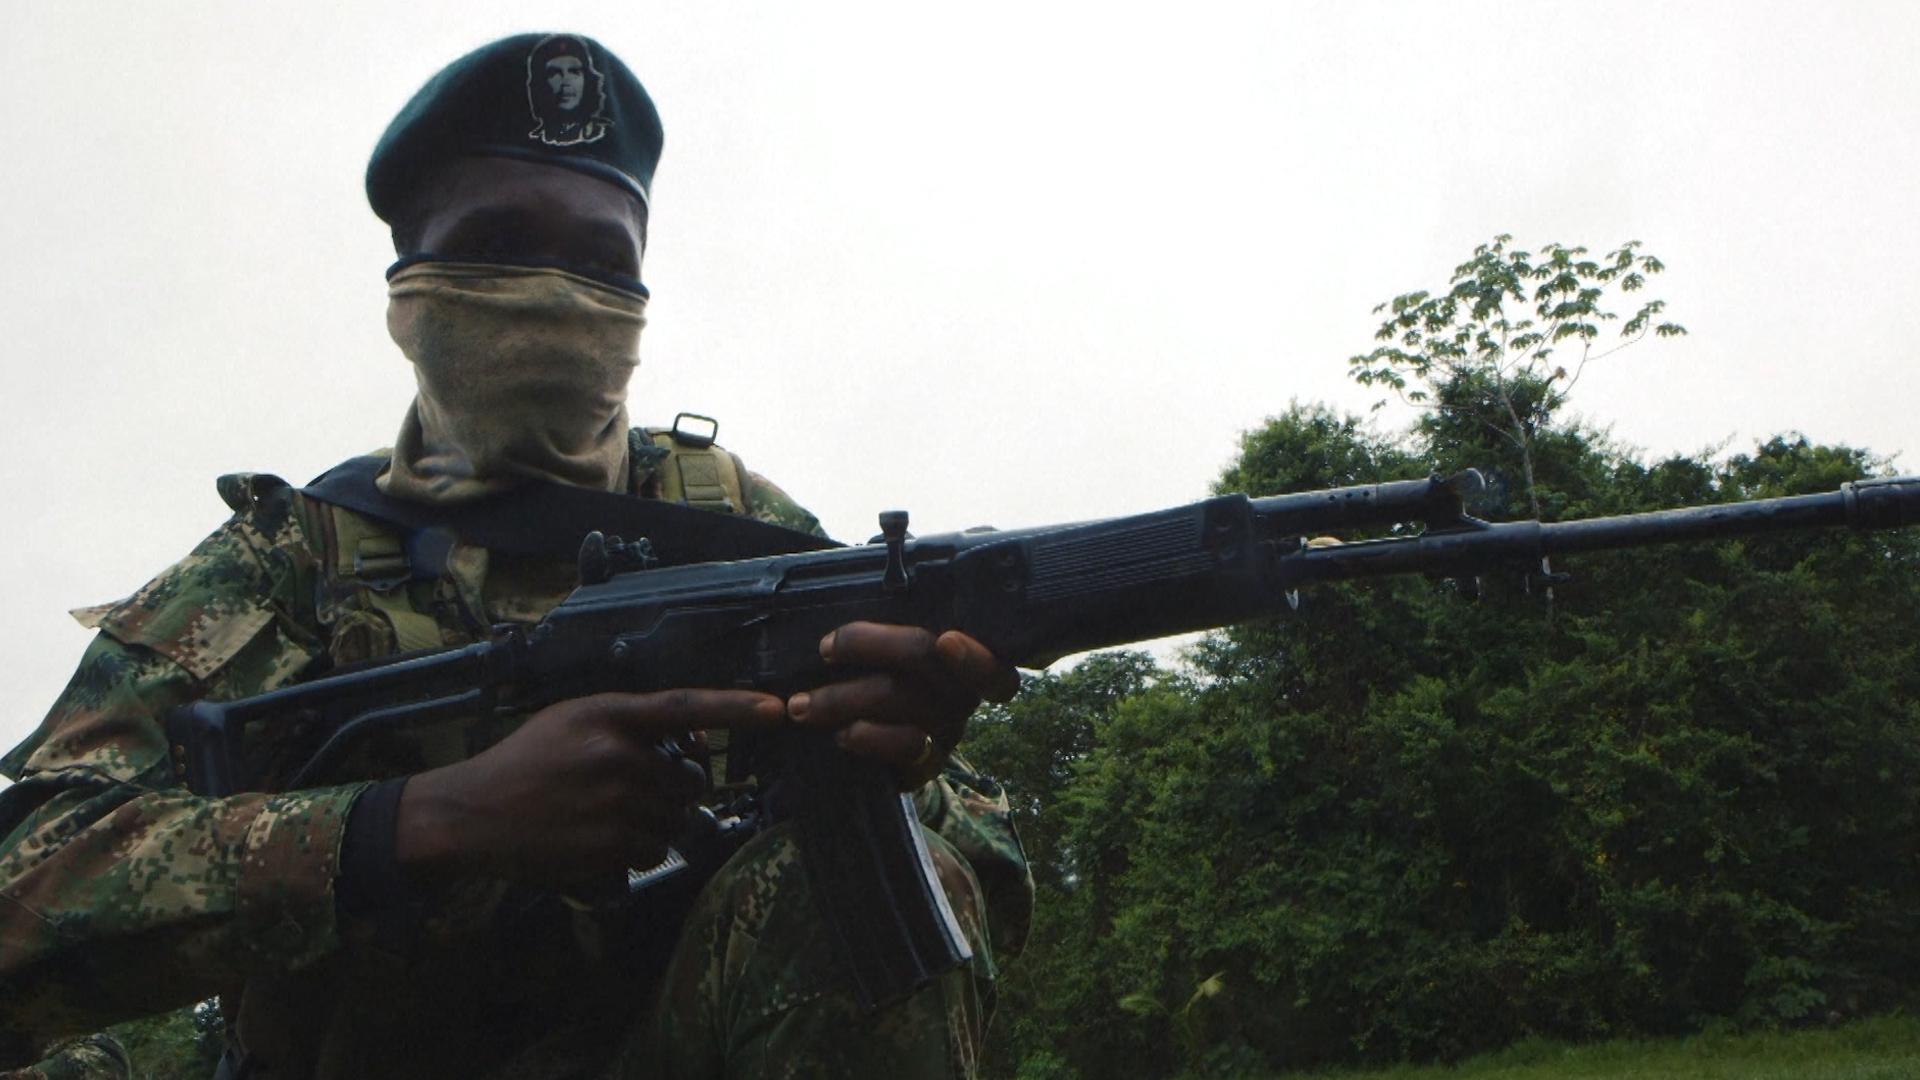 Comandante del Ejército dice que el atentado fue perpetrado por el ELN y planeado desde Venezuela.